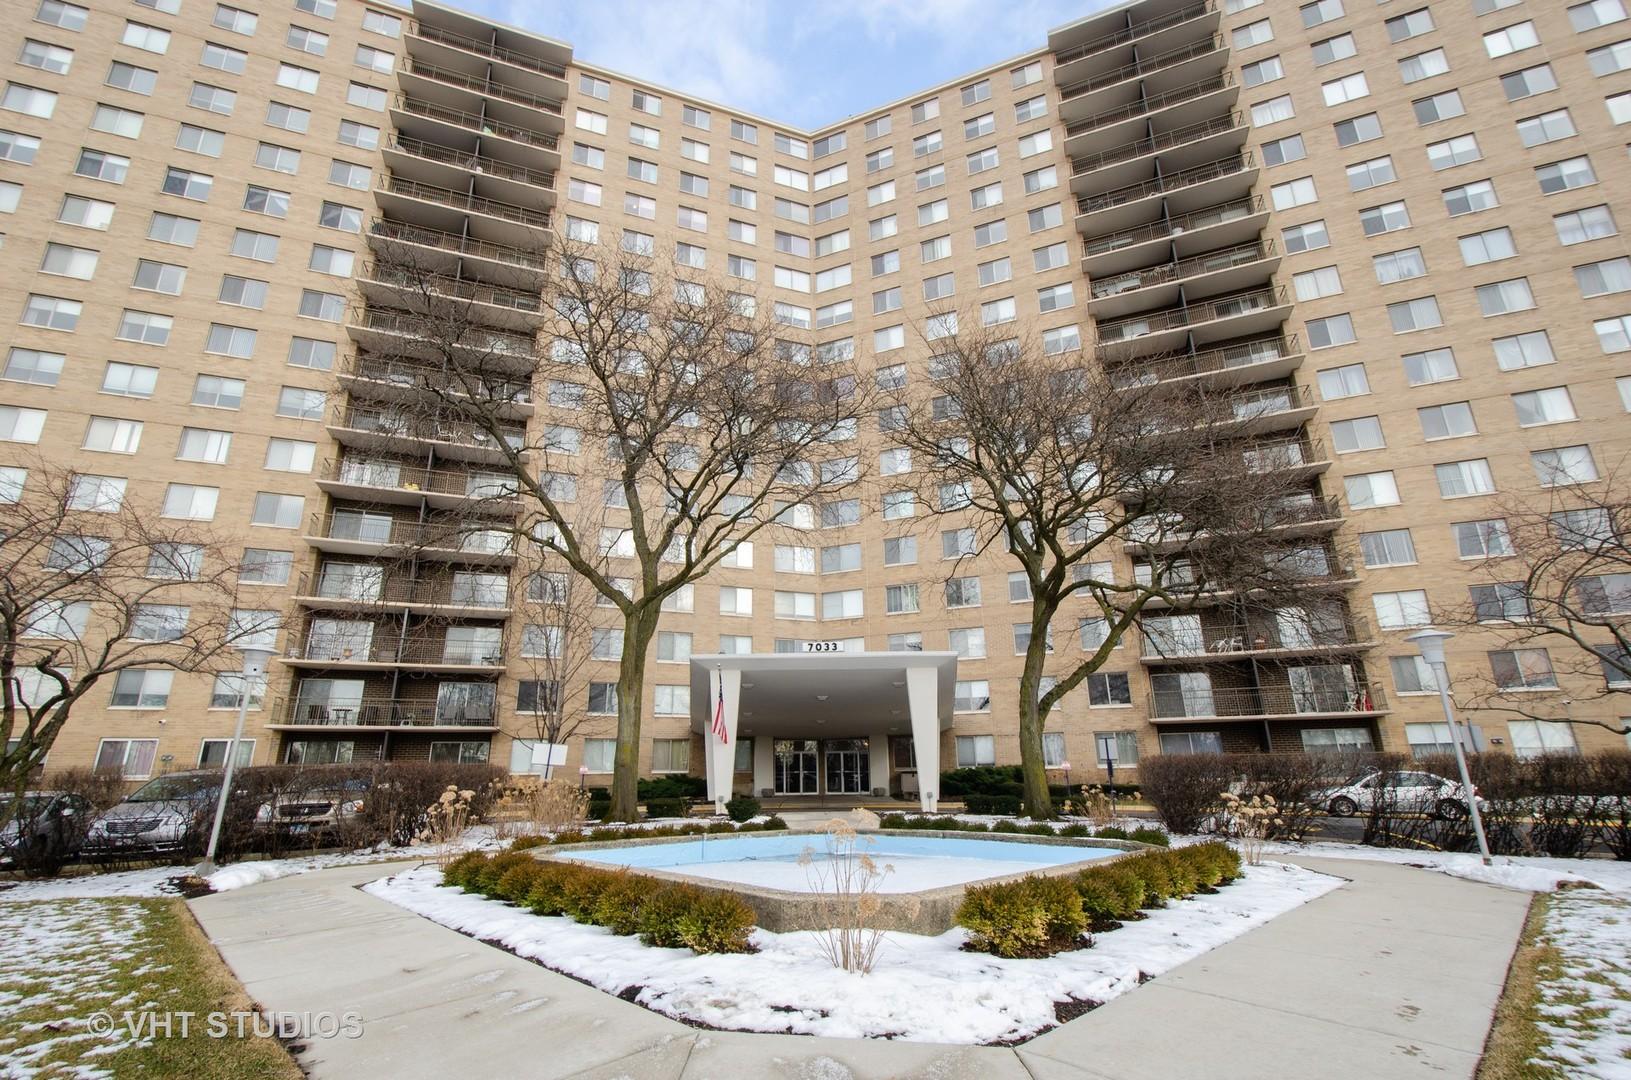 7033 N Kedzie Avenue Unit 408, Chicago IL 60645